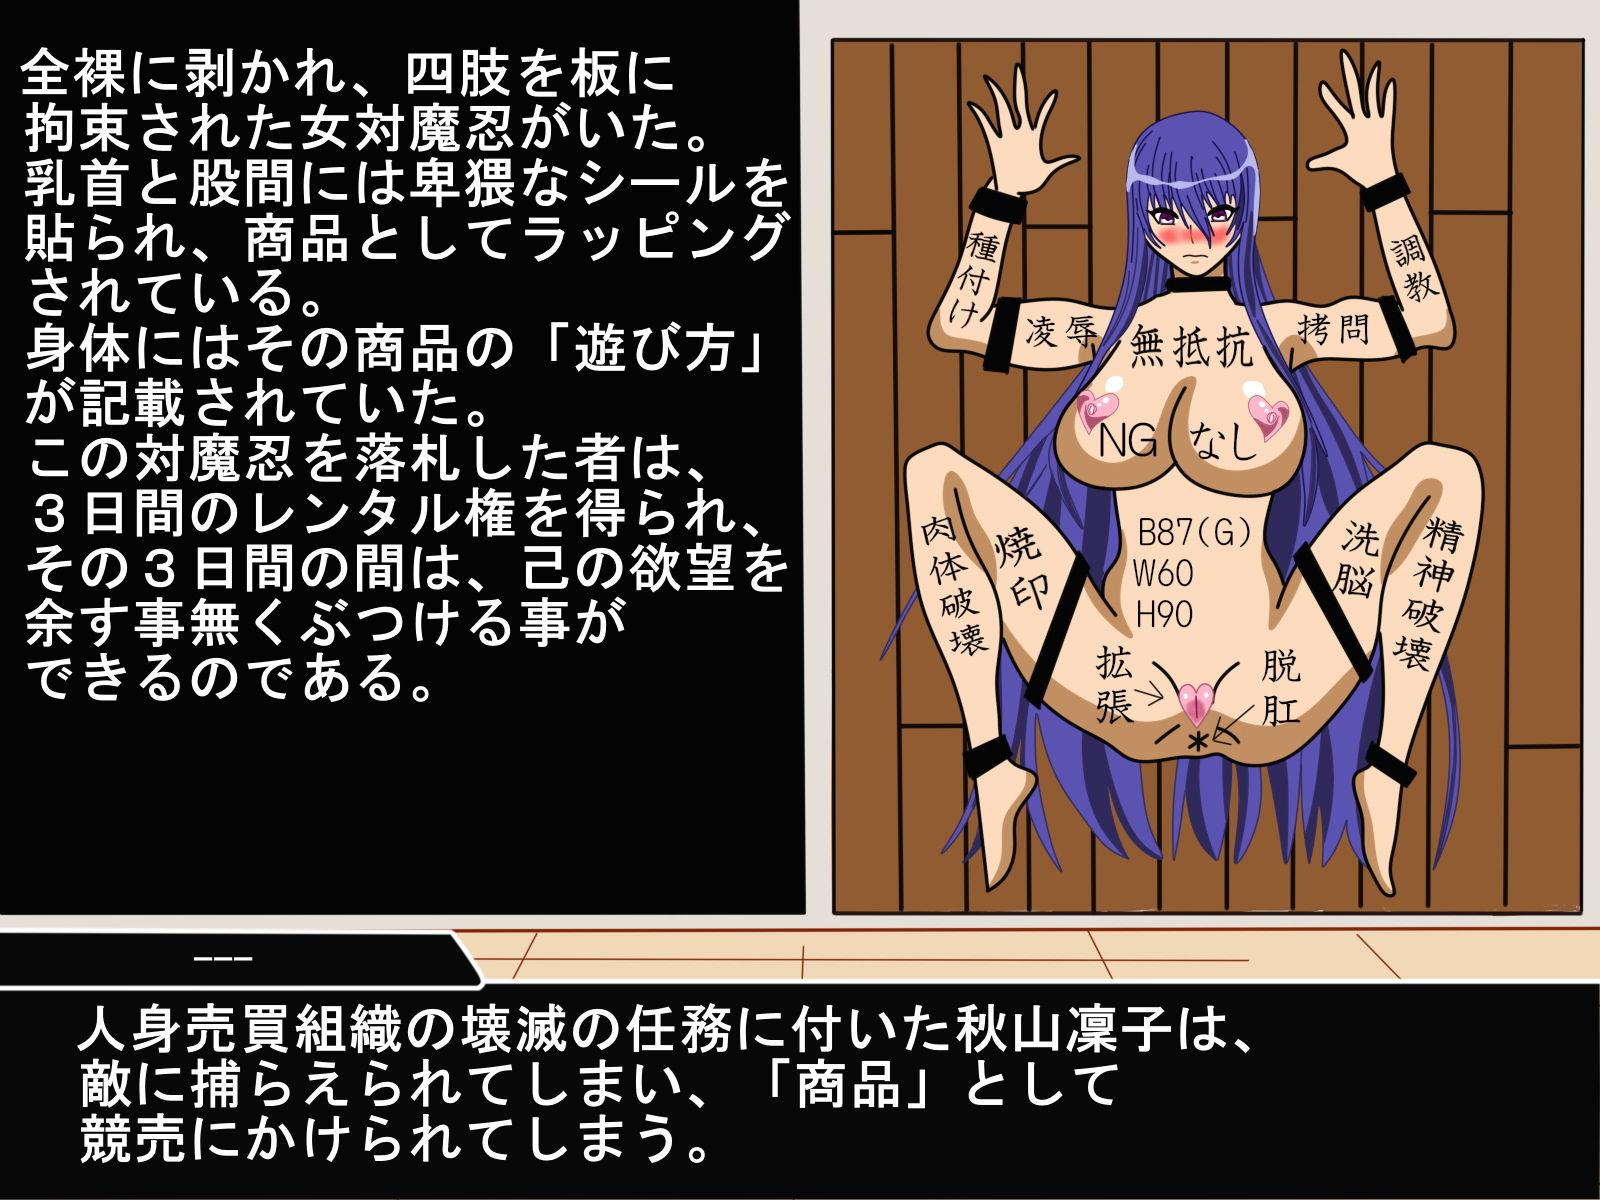 対魔忍オークション 斬鬼の対魔忍(seekmaker store) [d_178468] 2